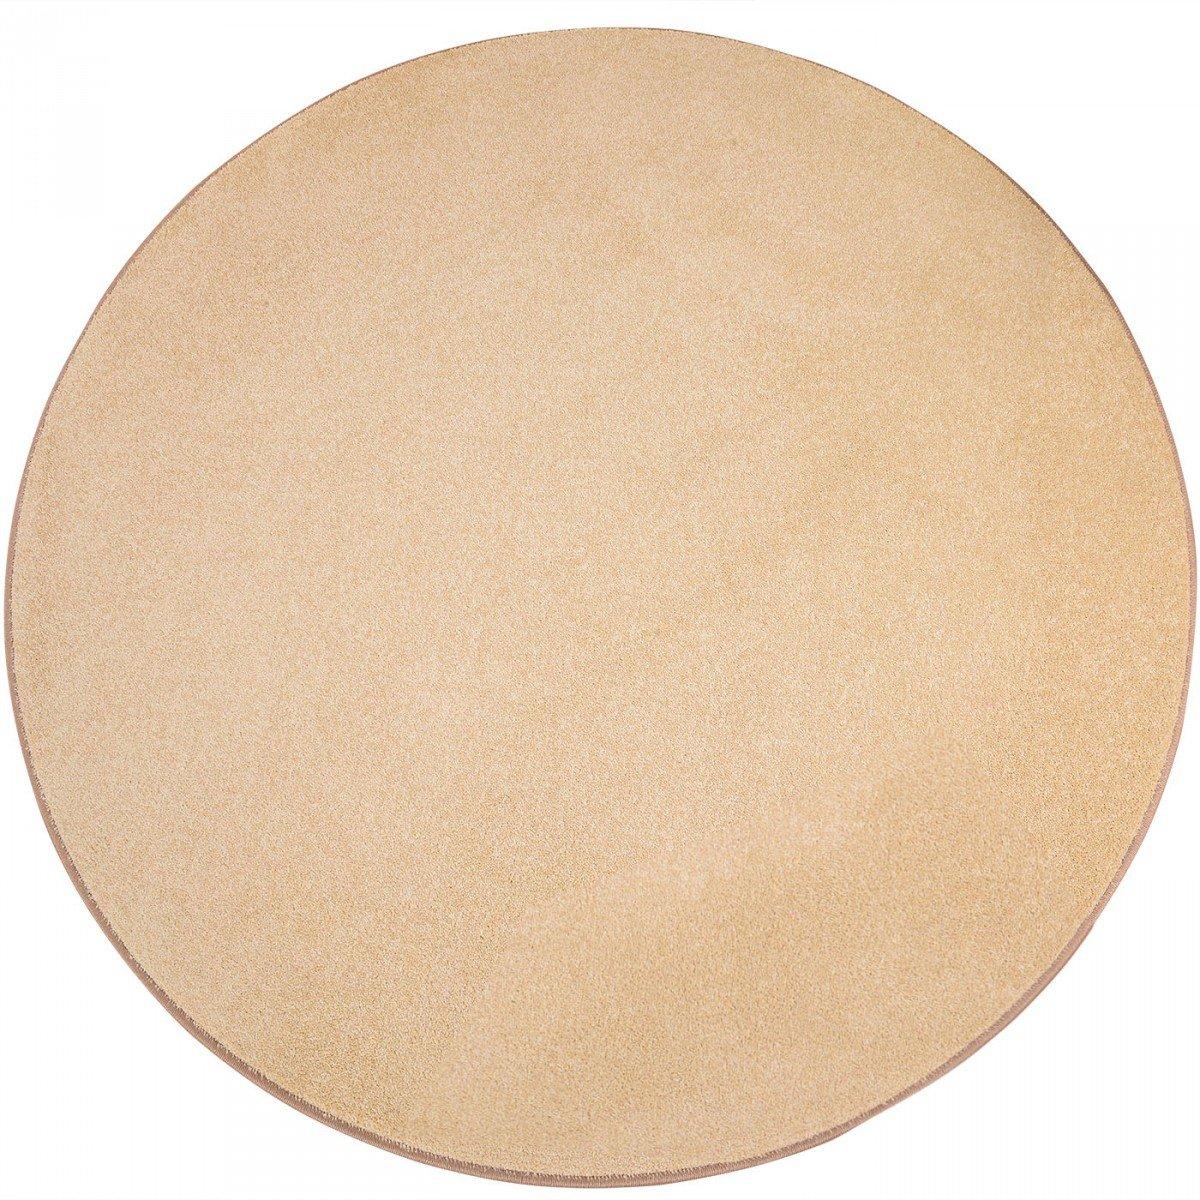 Havatex Teppich Kräusel Velour Burbon rund - 16 moderne sowie klassische Farben   schadstoffgeprüft pflegeleicht & robust   ideal für Wohnzimmer, Farbe Rot, Größe 180 cm rund B00FQ10HHO Teppiche